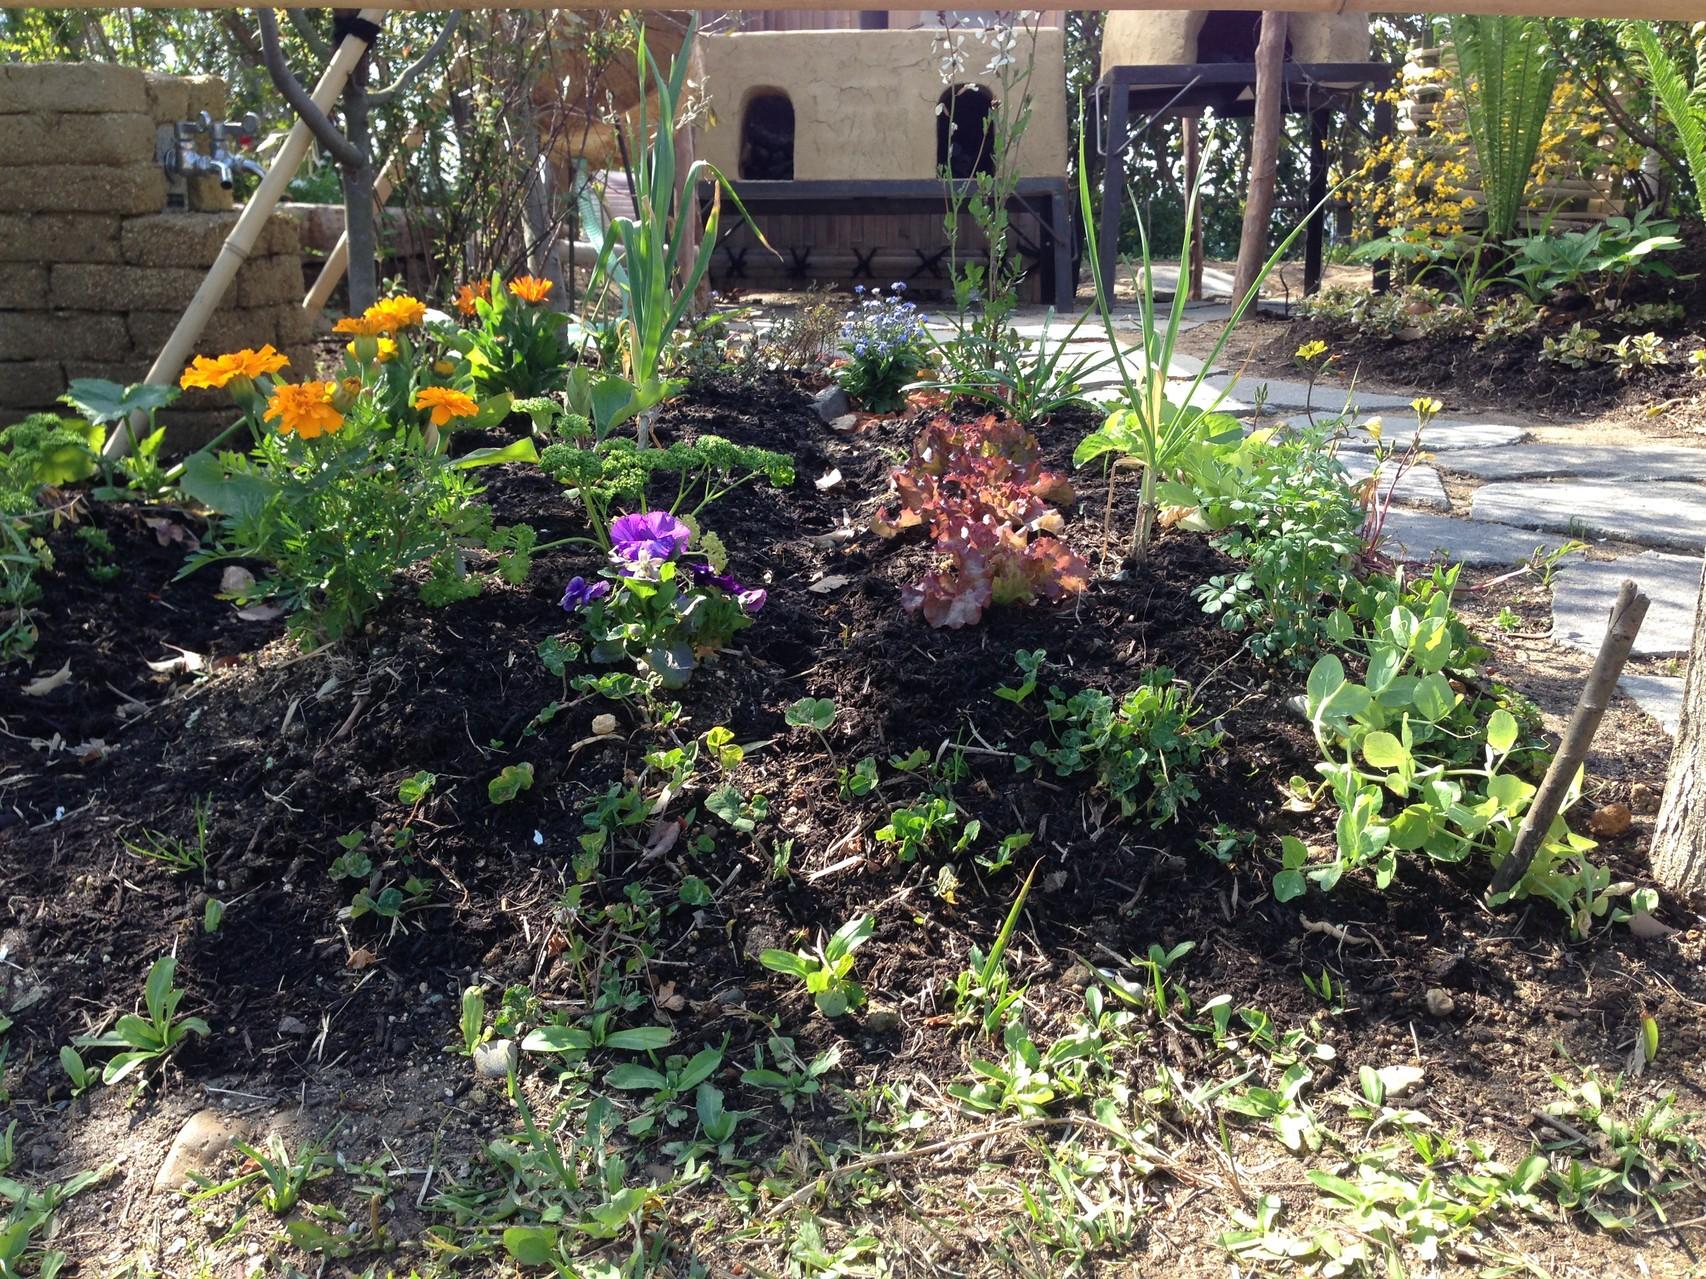 菜園も寄せ植えの様です。単一植物のみでは害虫にやられやすくなります。